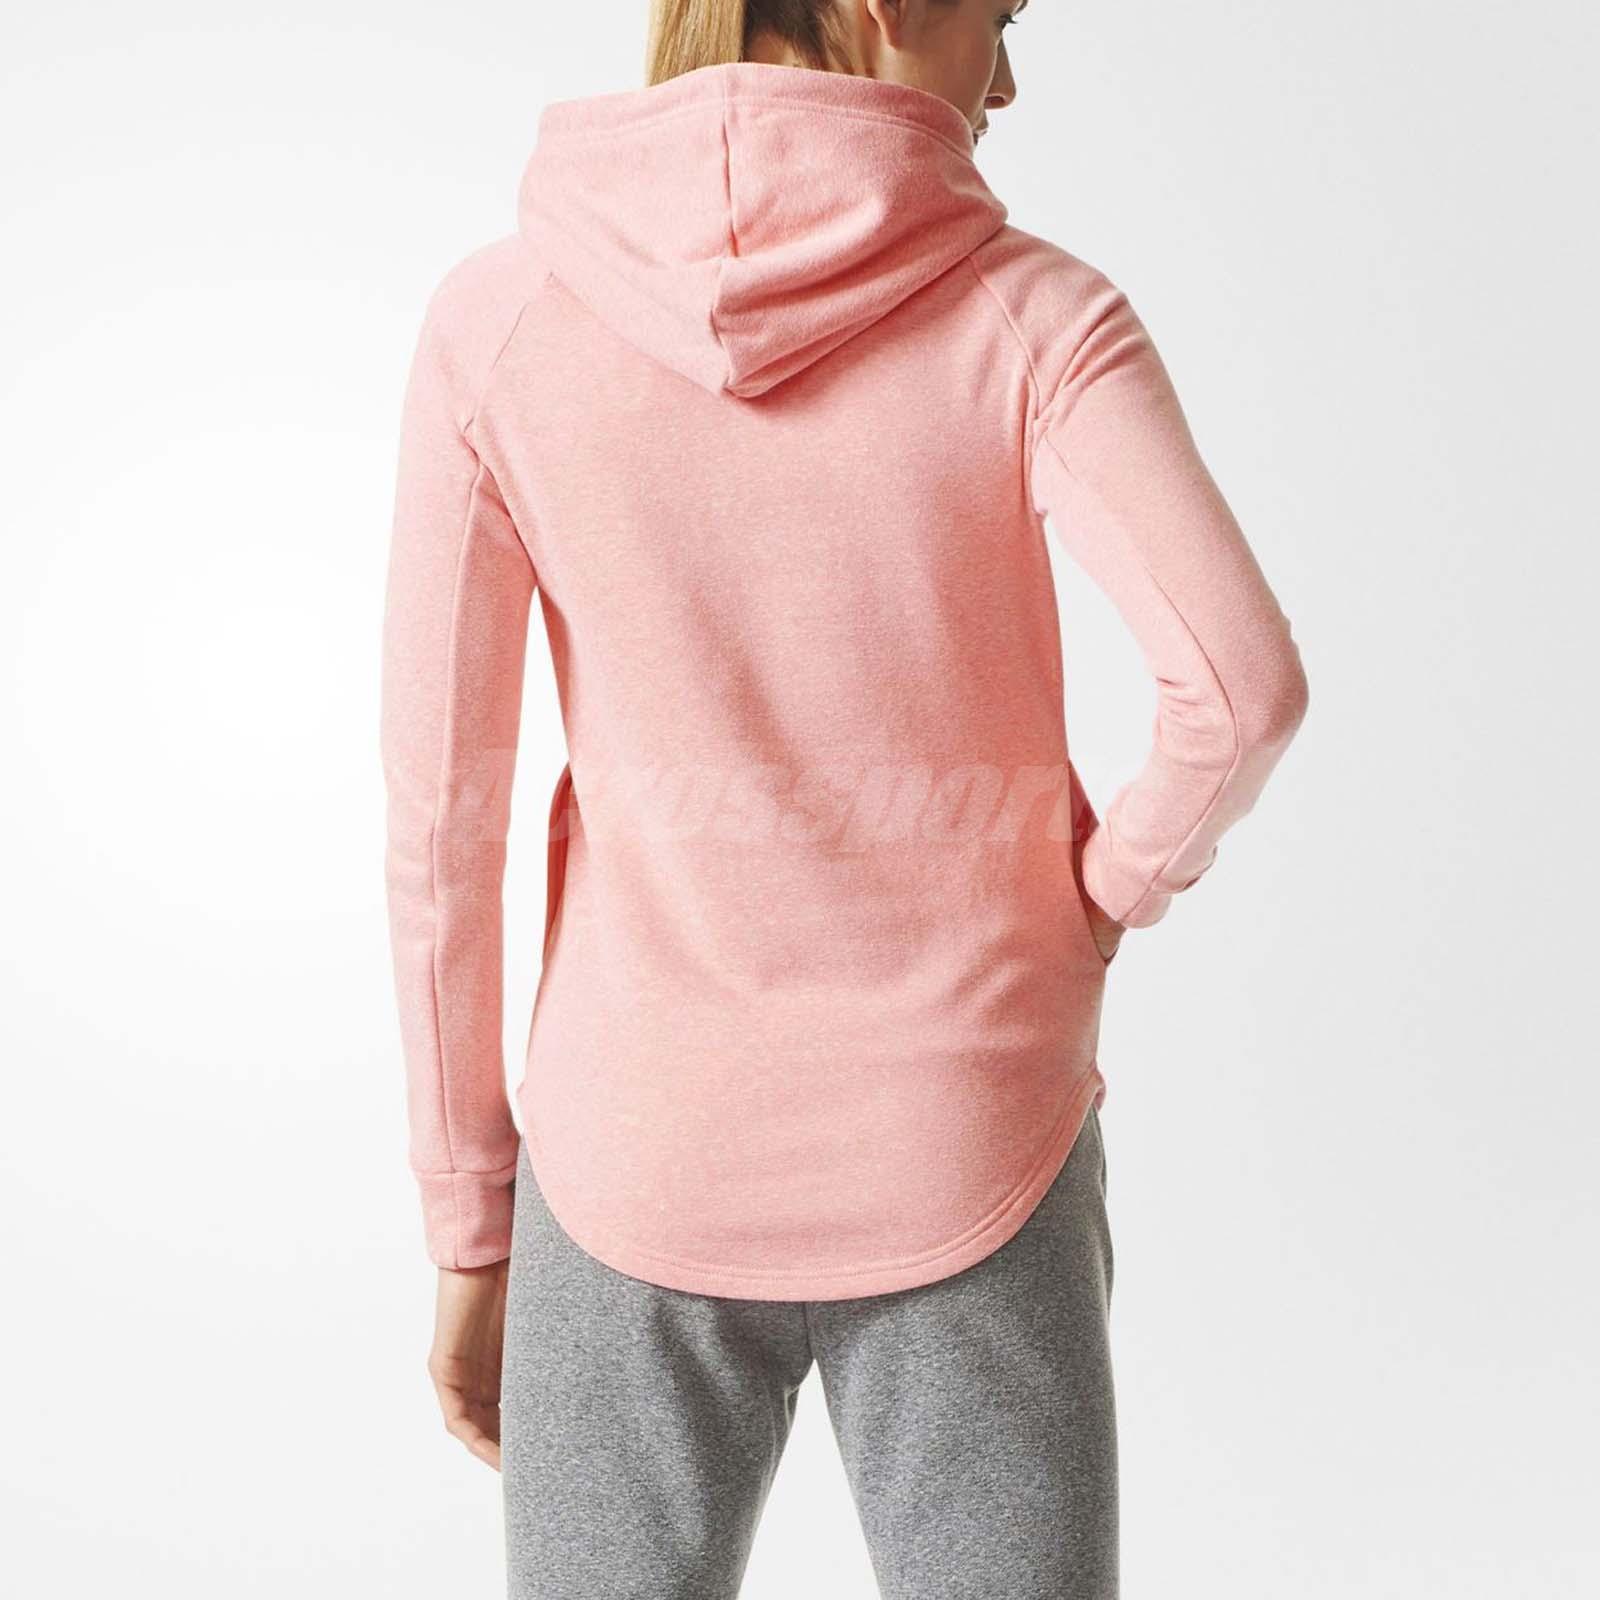 07579bc19b Identificación Sudadera Mujer Capucha De Adidas Suéter Sport Con UW8qAa